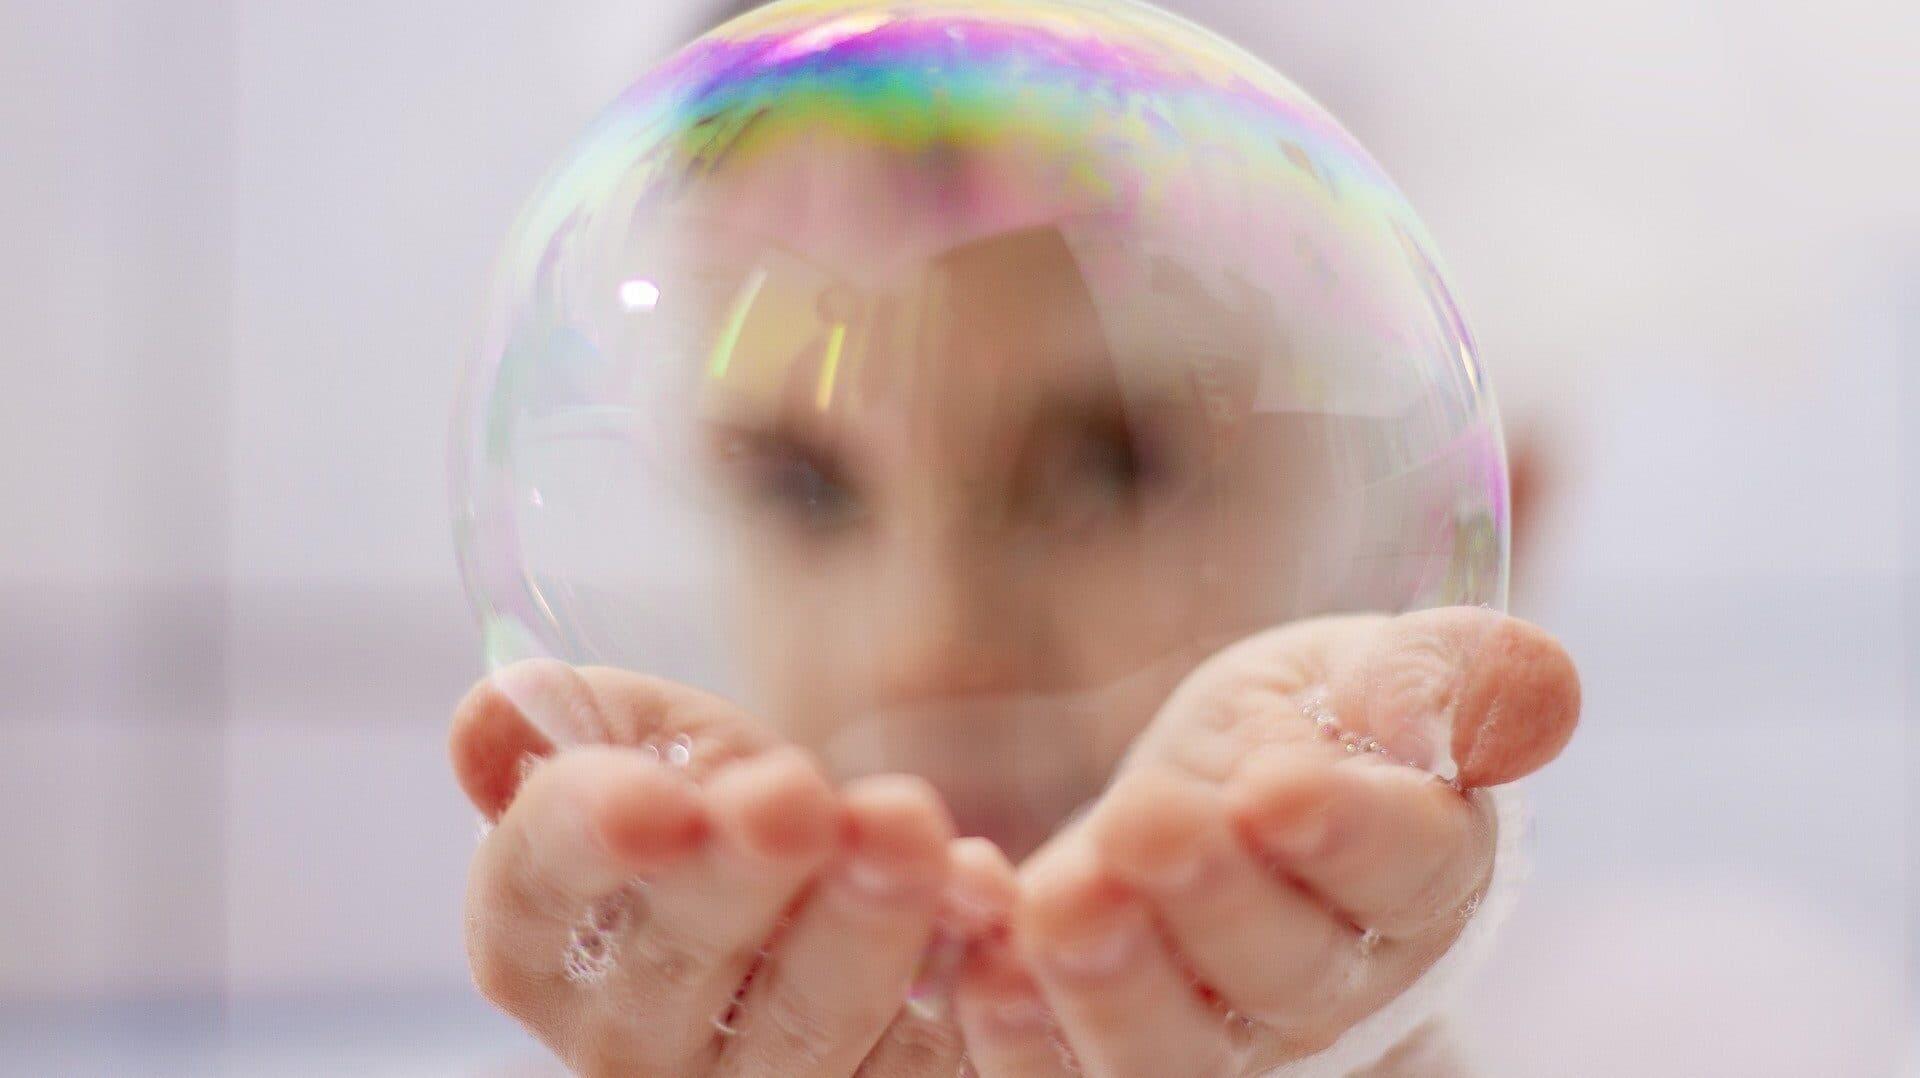 Kind hält eine Seifenblase in beiden Händen